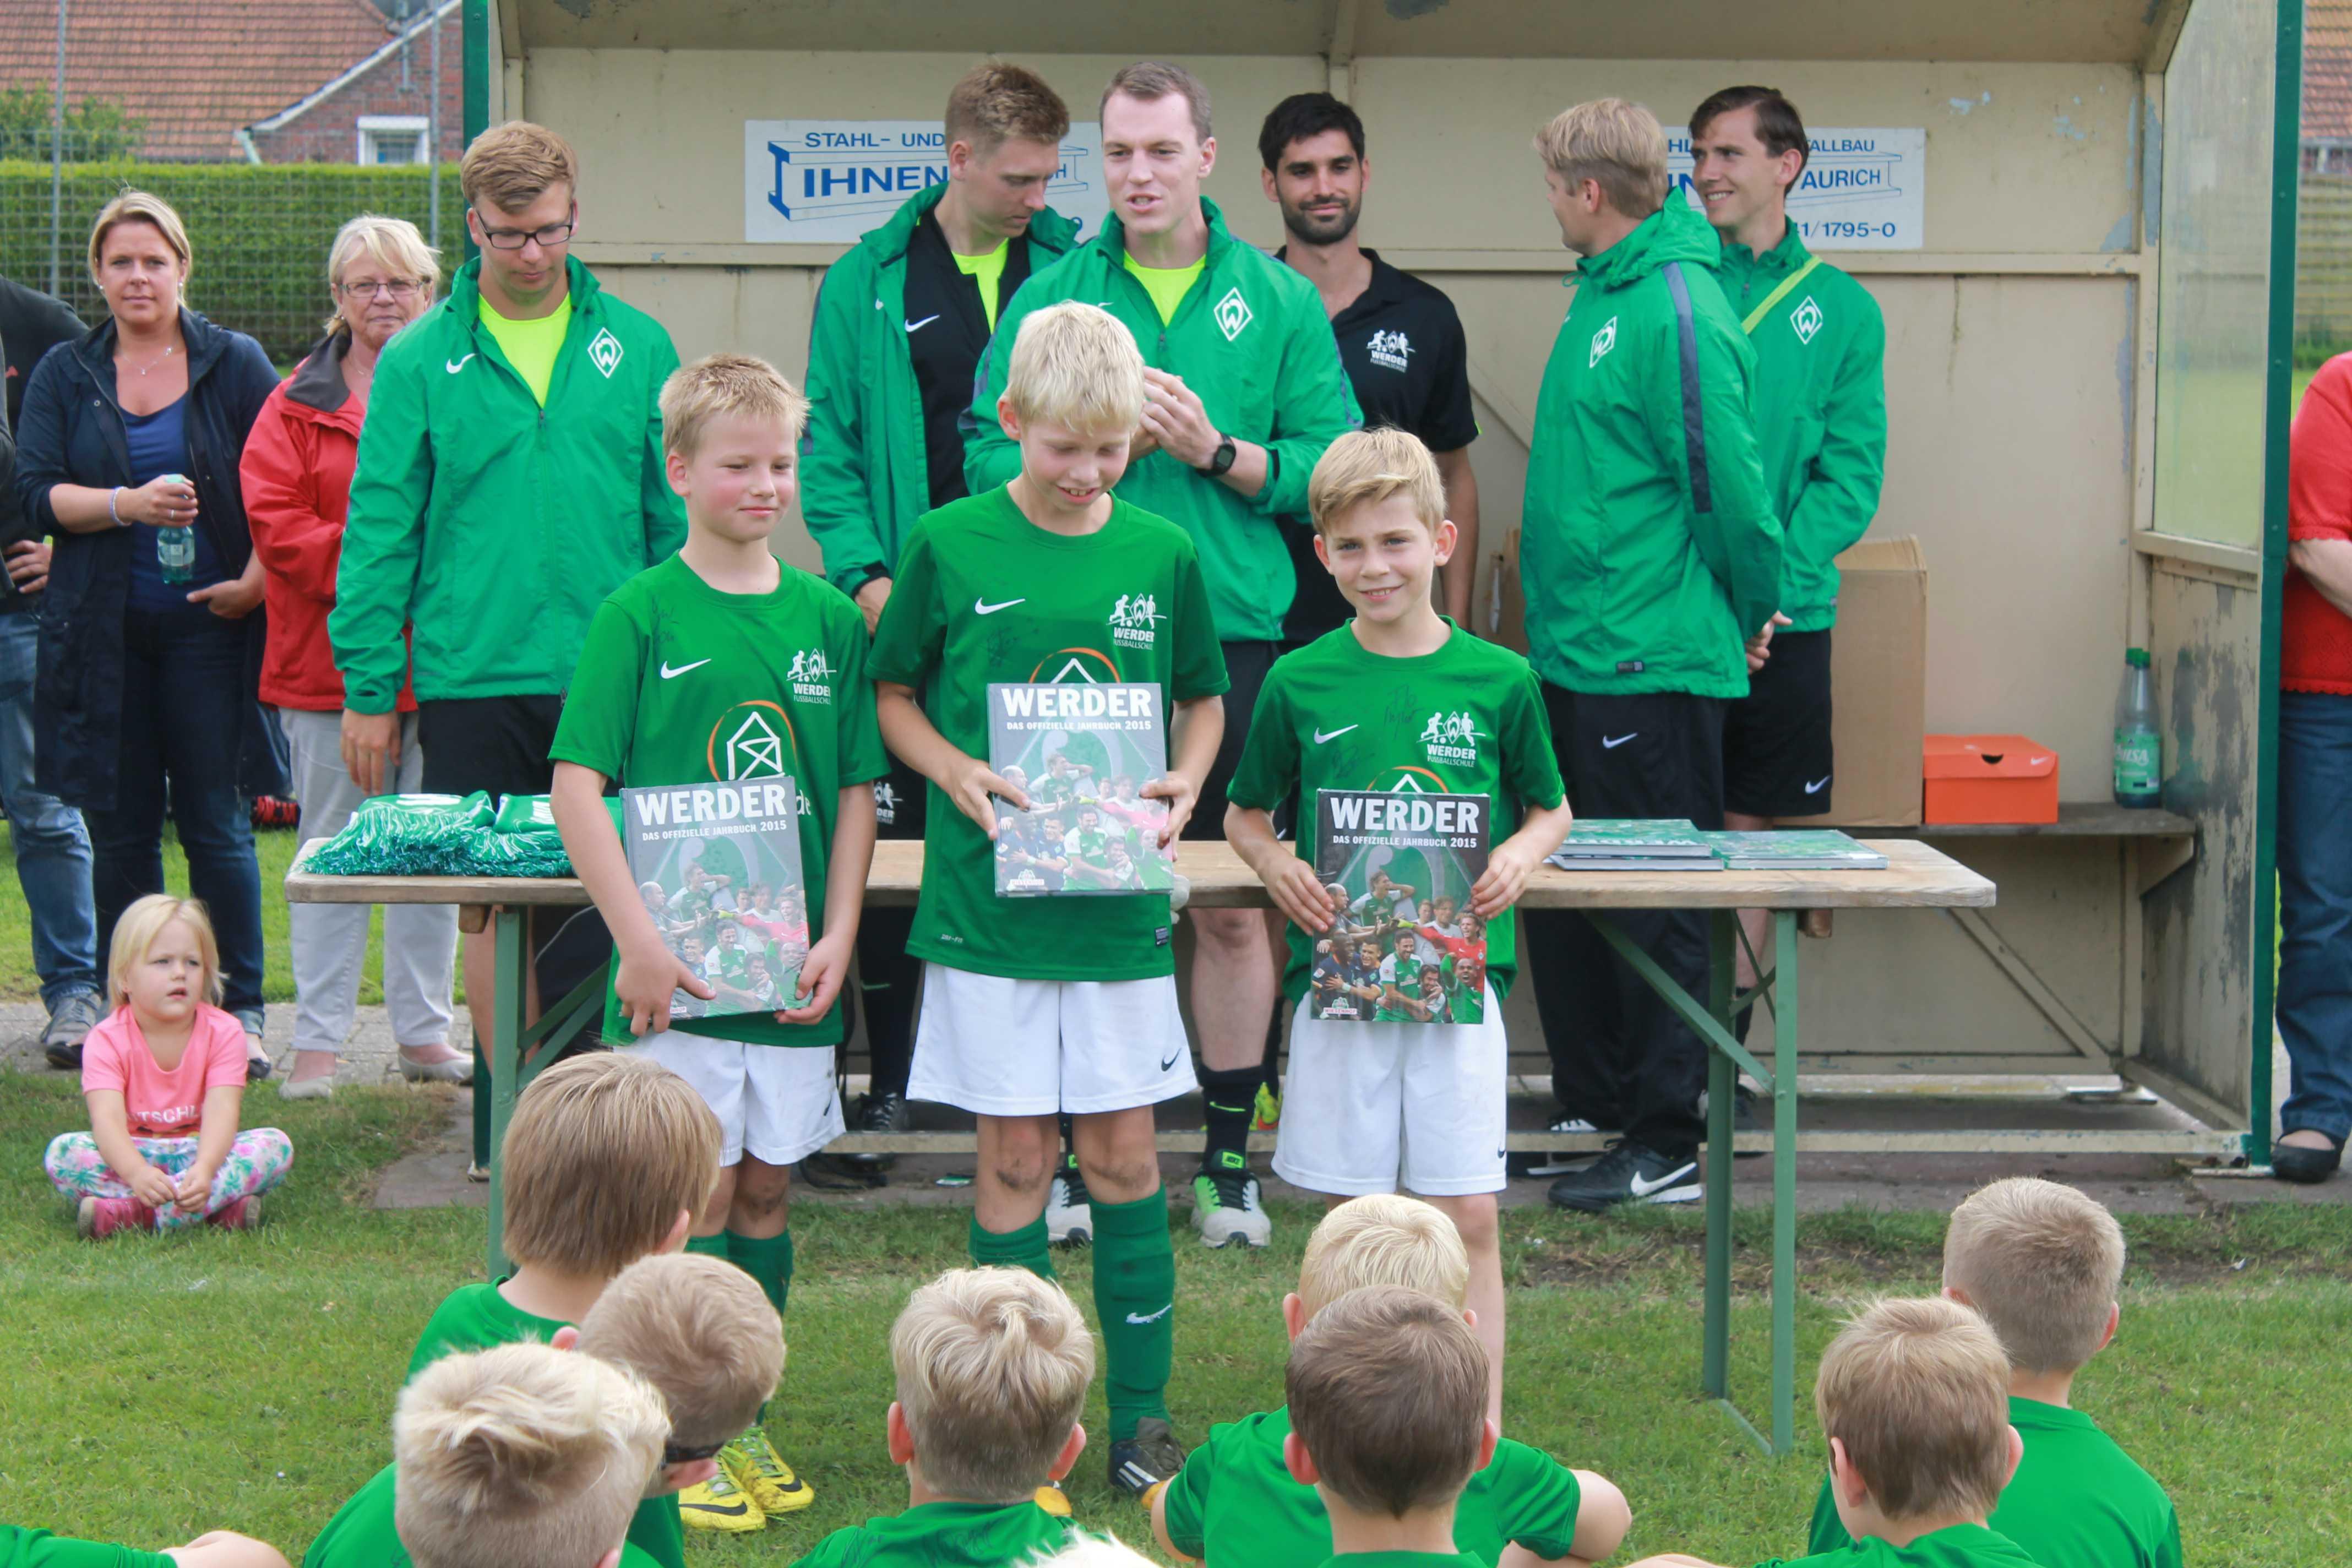 2016-08-14 Werder CAMPontour - Sonntag (130)